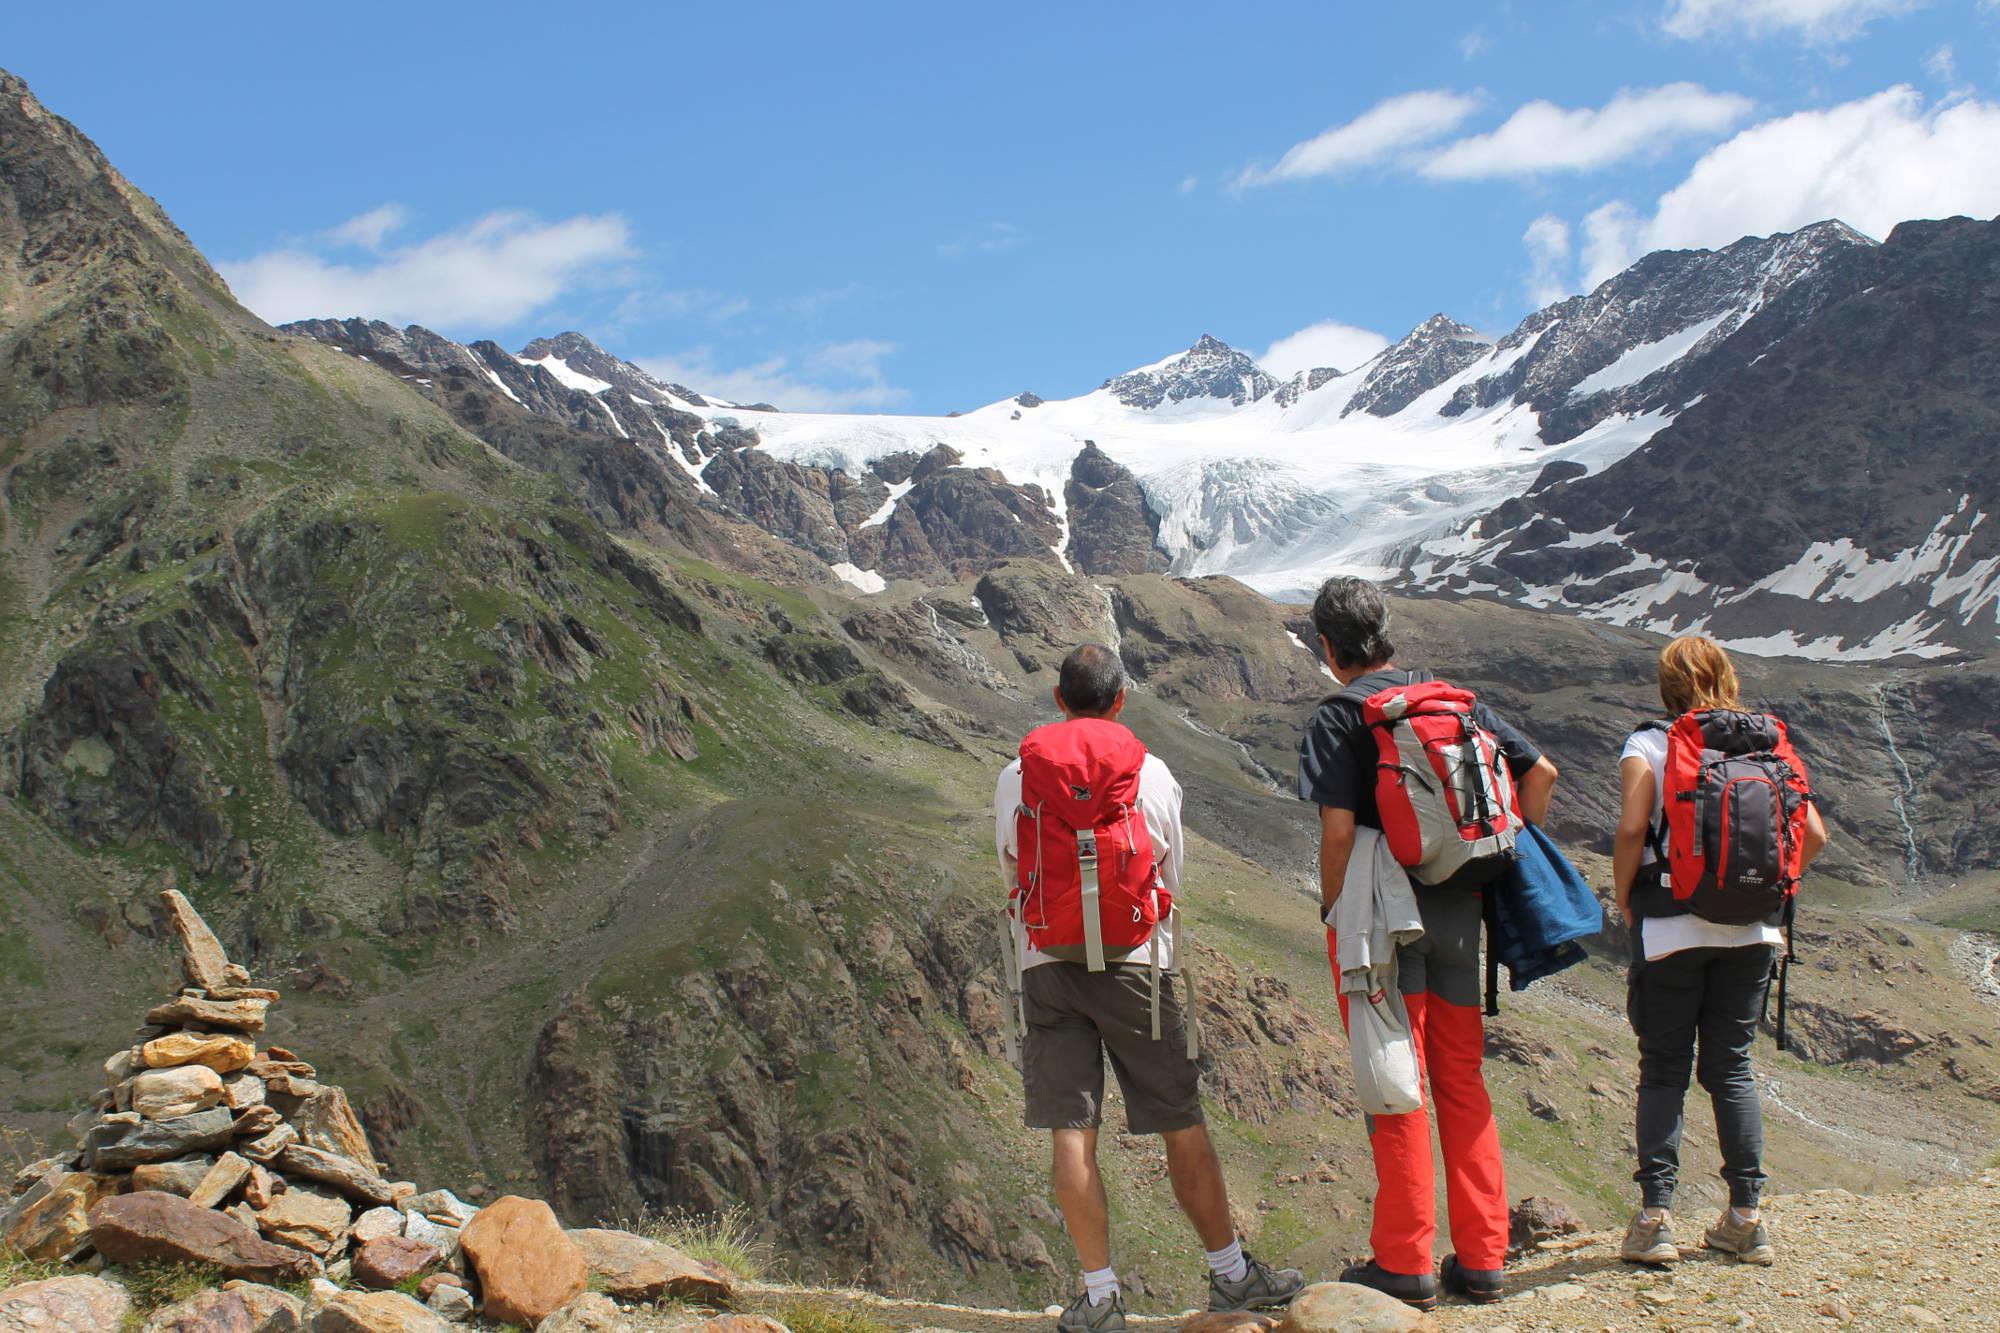 Praticare Arti Marziali da adulti: scalare la montagna. Da adulti è più appagante!